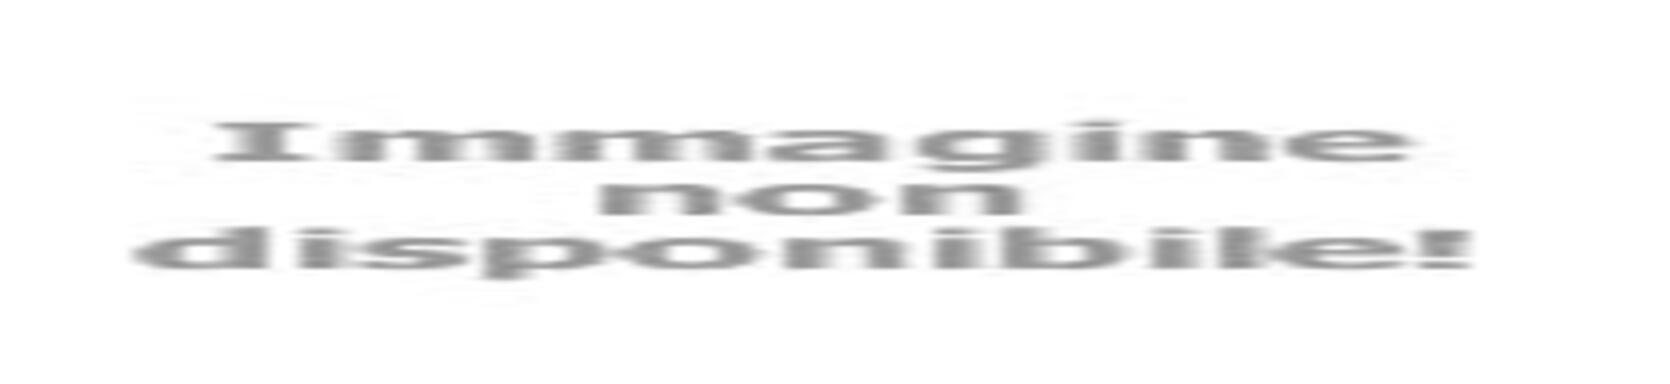 basketriminicrabs it 2-2761-settore-giovanile-under-18-ecc-a-guido-berardi 003